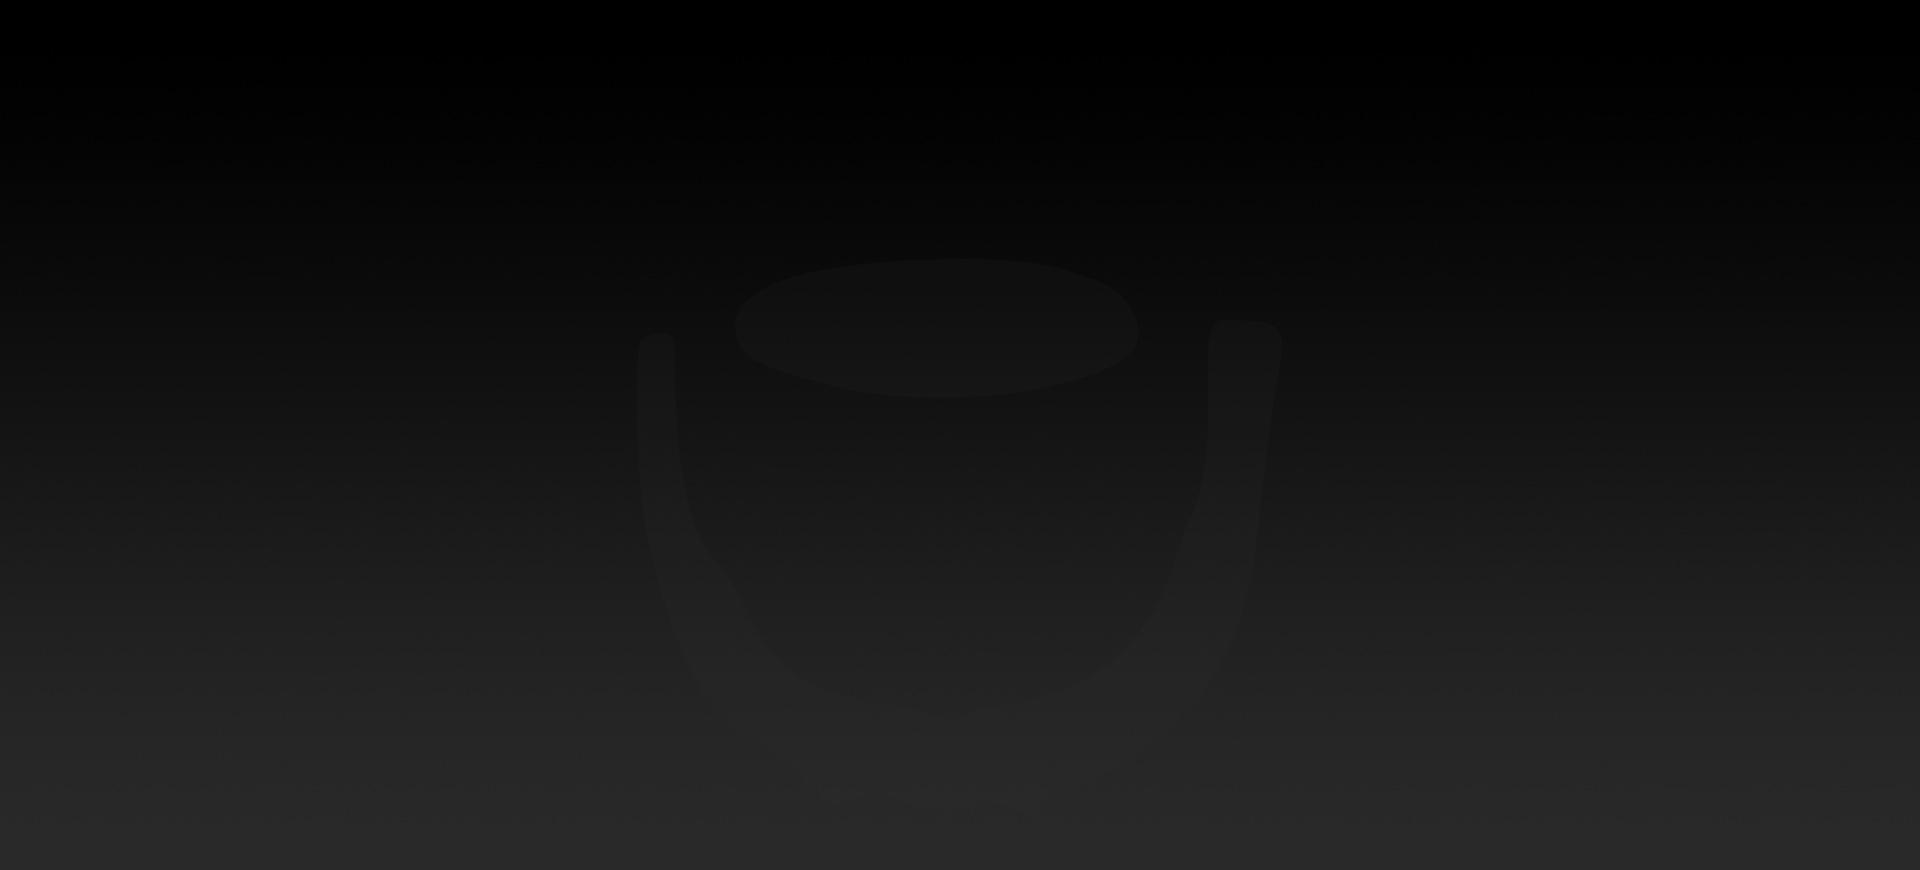 matcha_black_bg